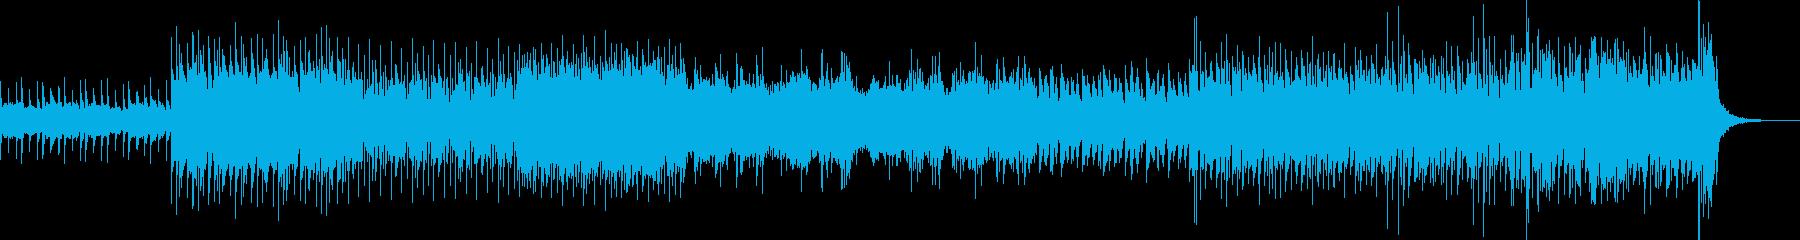 シンセポップBGMの再生済みの波形